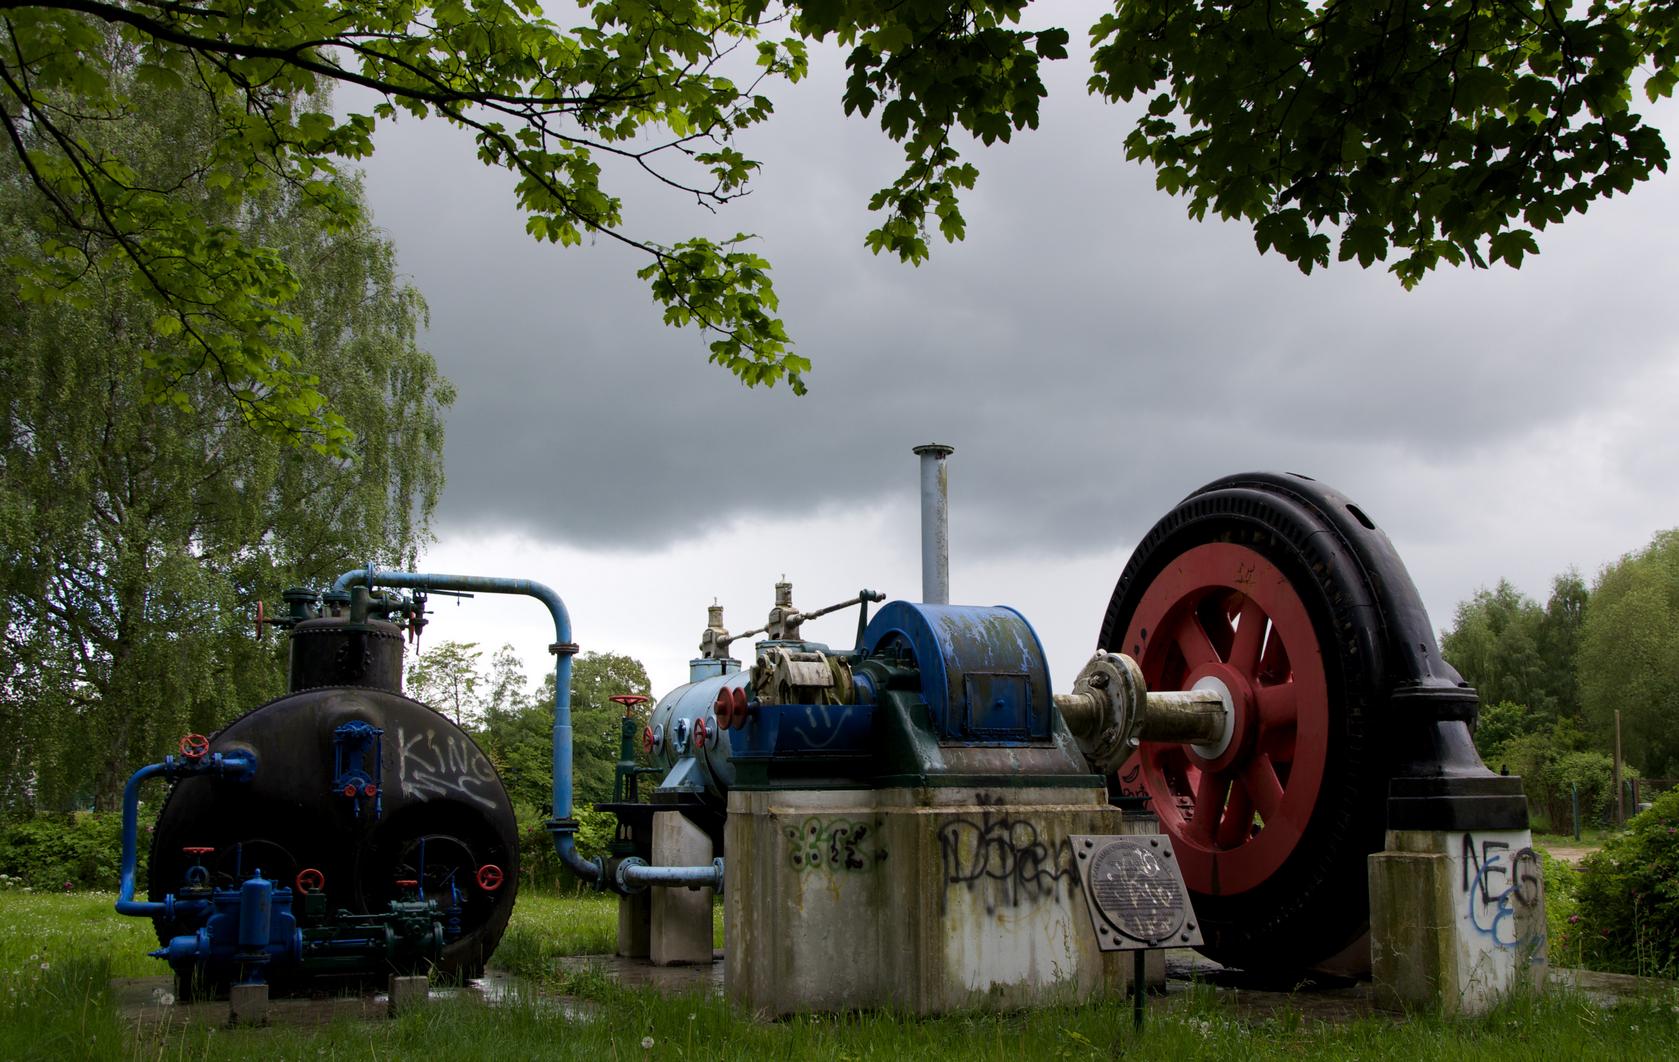 Dampfmaschine + Dampfkessel mit Generator: Diese hier als Industriedenkmal aufgestellte Dampfmaschine wurde 1911 von der Maschinenfabrik Ehrhardt & Sehmer  AG, heute ATLASCOPCO Saarbrücken gebaut. Von 1945-1979 erzeugte diese Anlage den gesamten Strombedarf des Säge- und Hobelwerkes Schüder & Kremer in Elmshoorn ... Die Stadt Elmshorn dankt Herrn Ernst Schuldt für seine Initiative zur Erstellung dieses Denkmals.